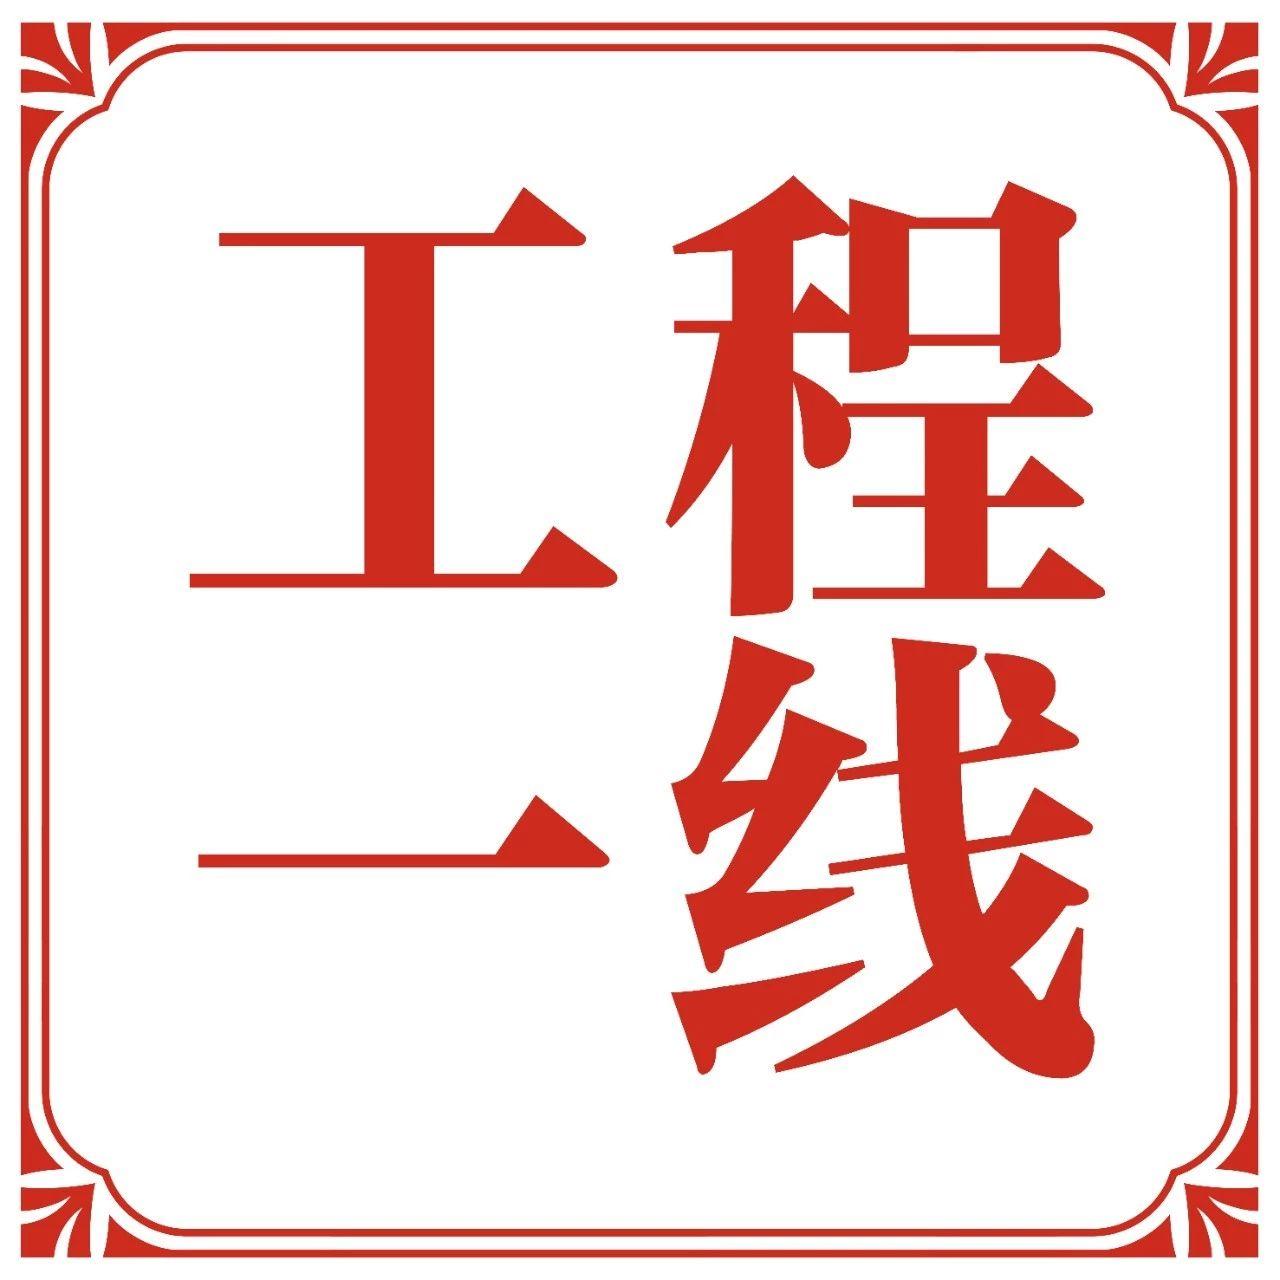 零配重+全球首台:白鹤滩水电站百万千瓦机组再创新纪录